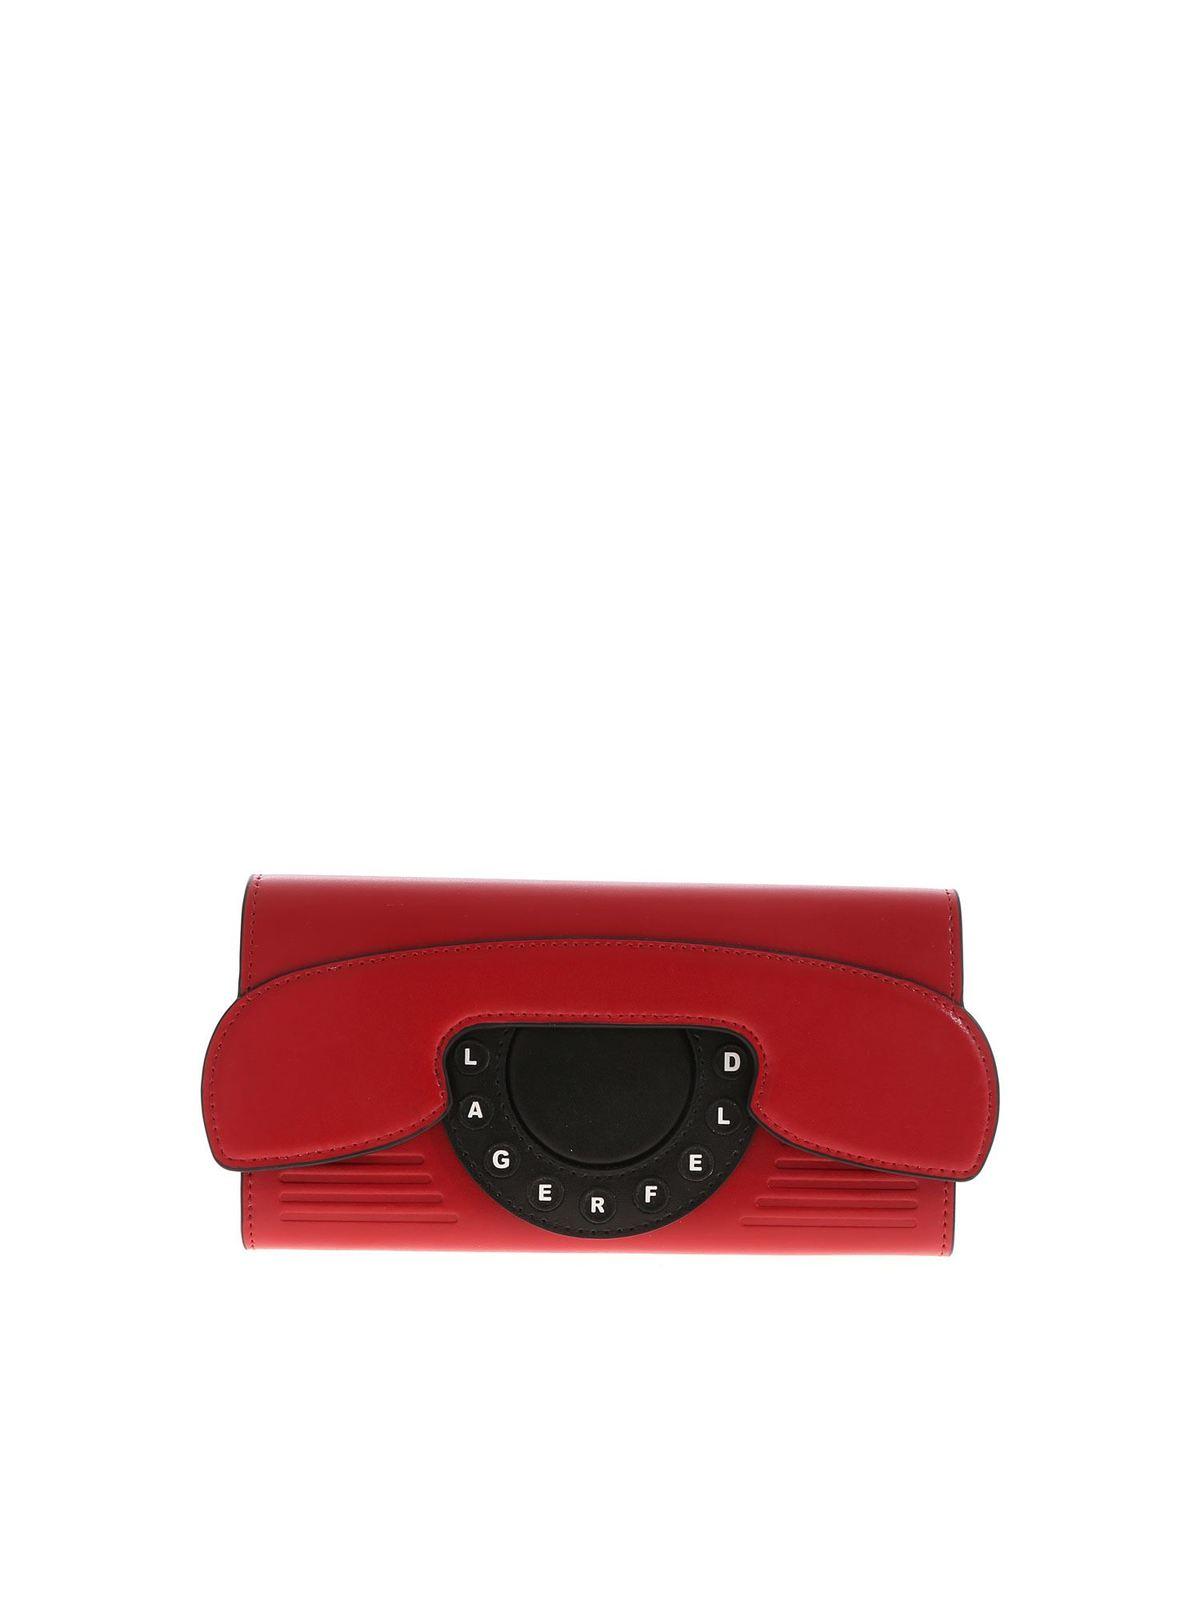 Karl Lagerfeld KIKONIK TELEPHONE WALLET IN RED